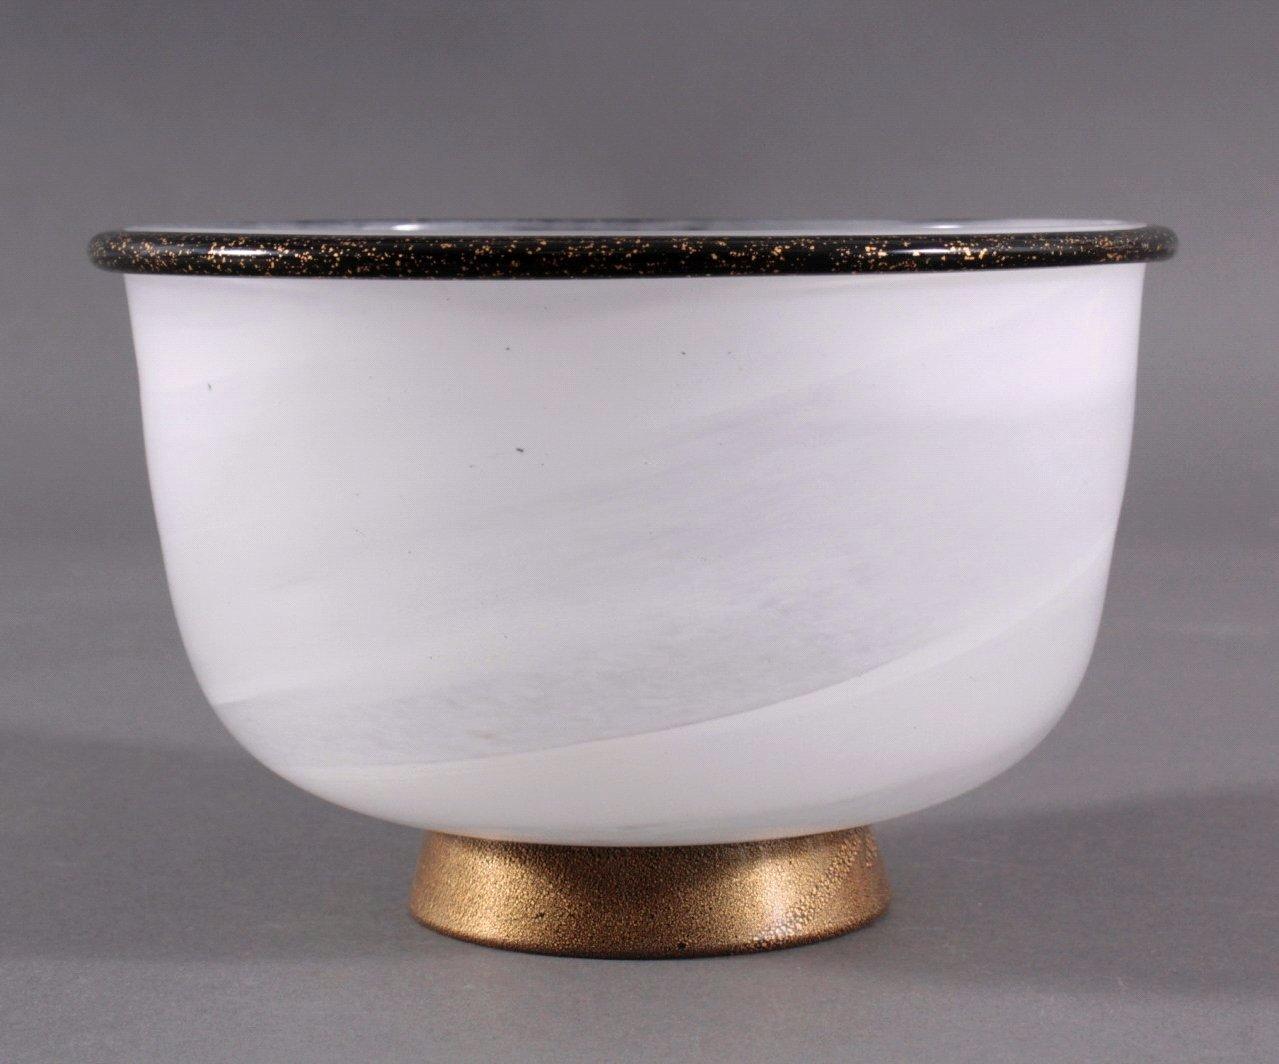 Künstlerglas, runde Anbietschale, 20. Jhd.